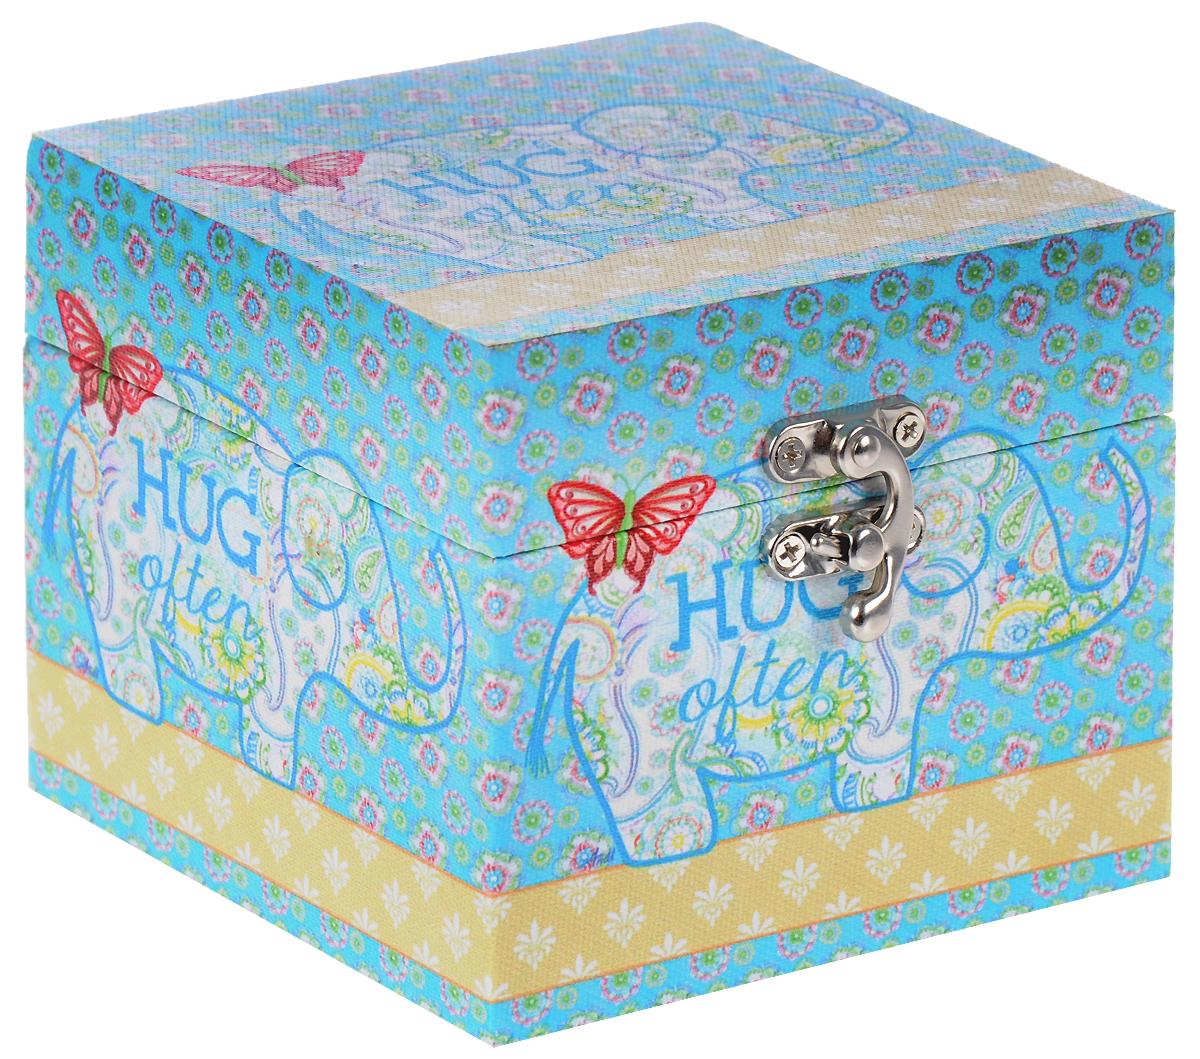 Шкатулка для рукоделия Sanmu, 12 х 12 х 10 см. TL5972 шкатулки trousselier музыкальная шкатулка 1 отделение fairy parma